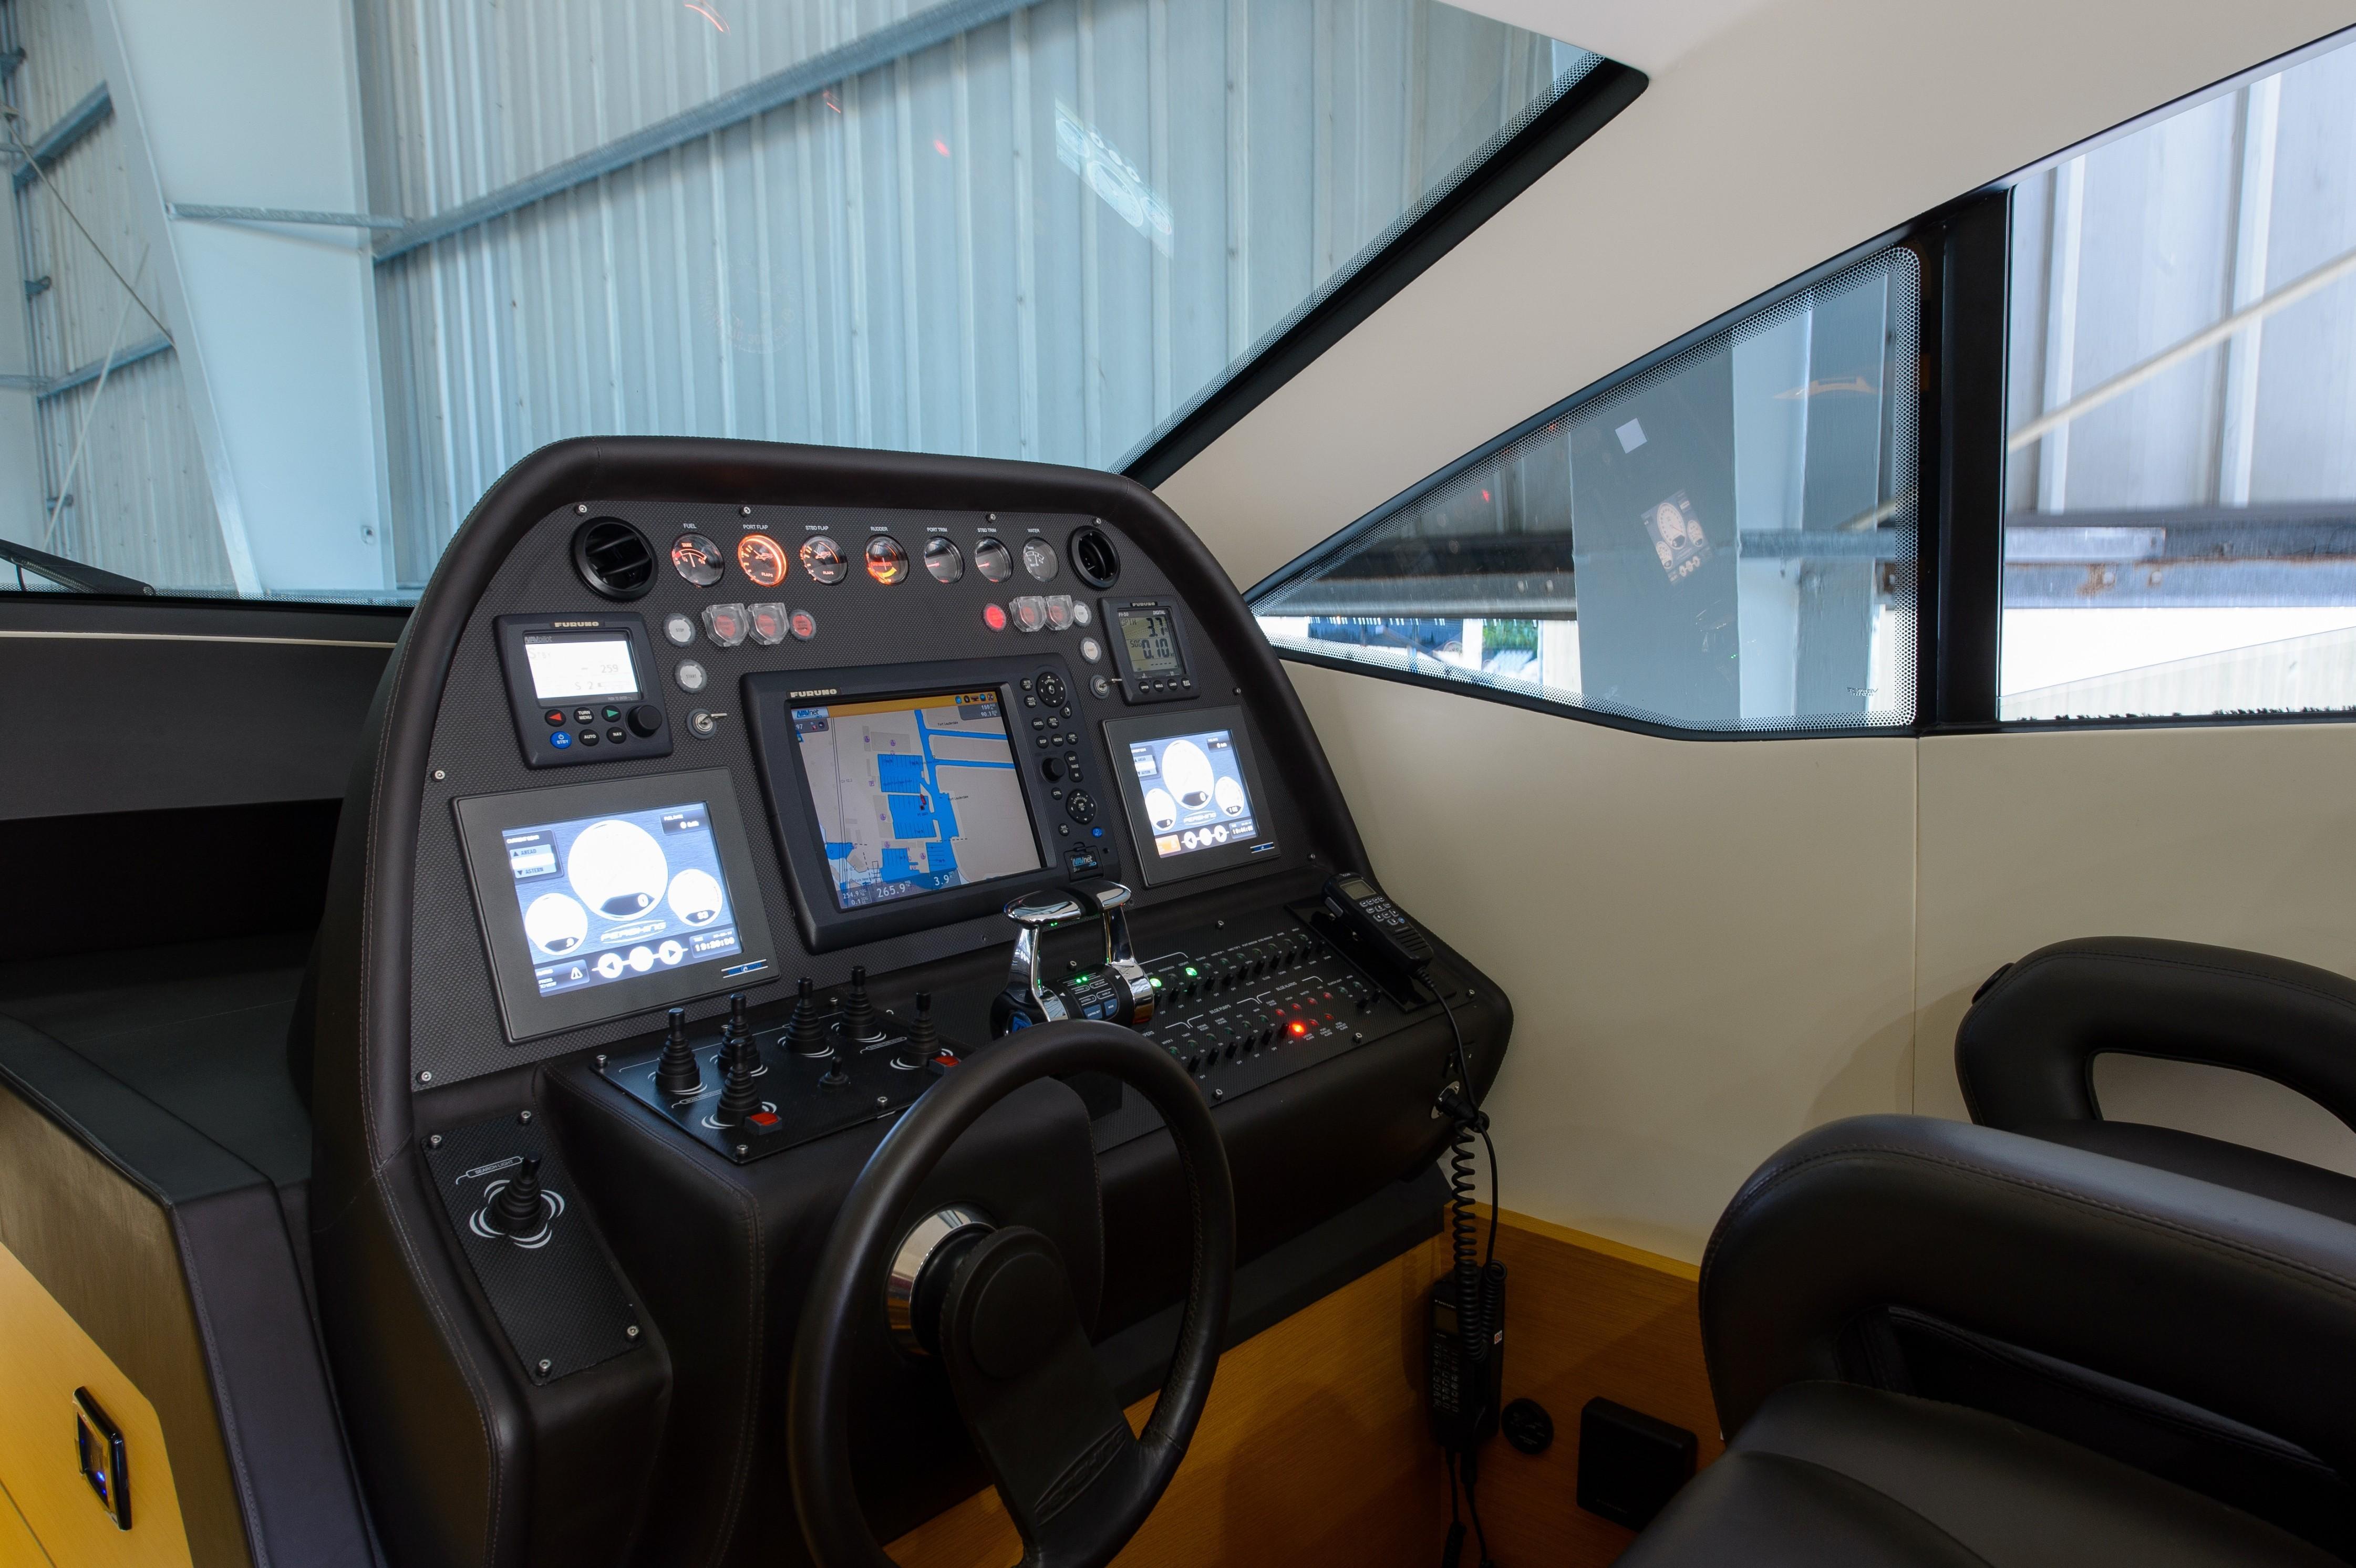 2012 Pershing 64 - Helm